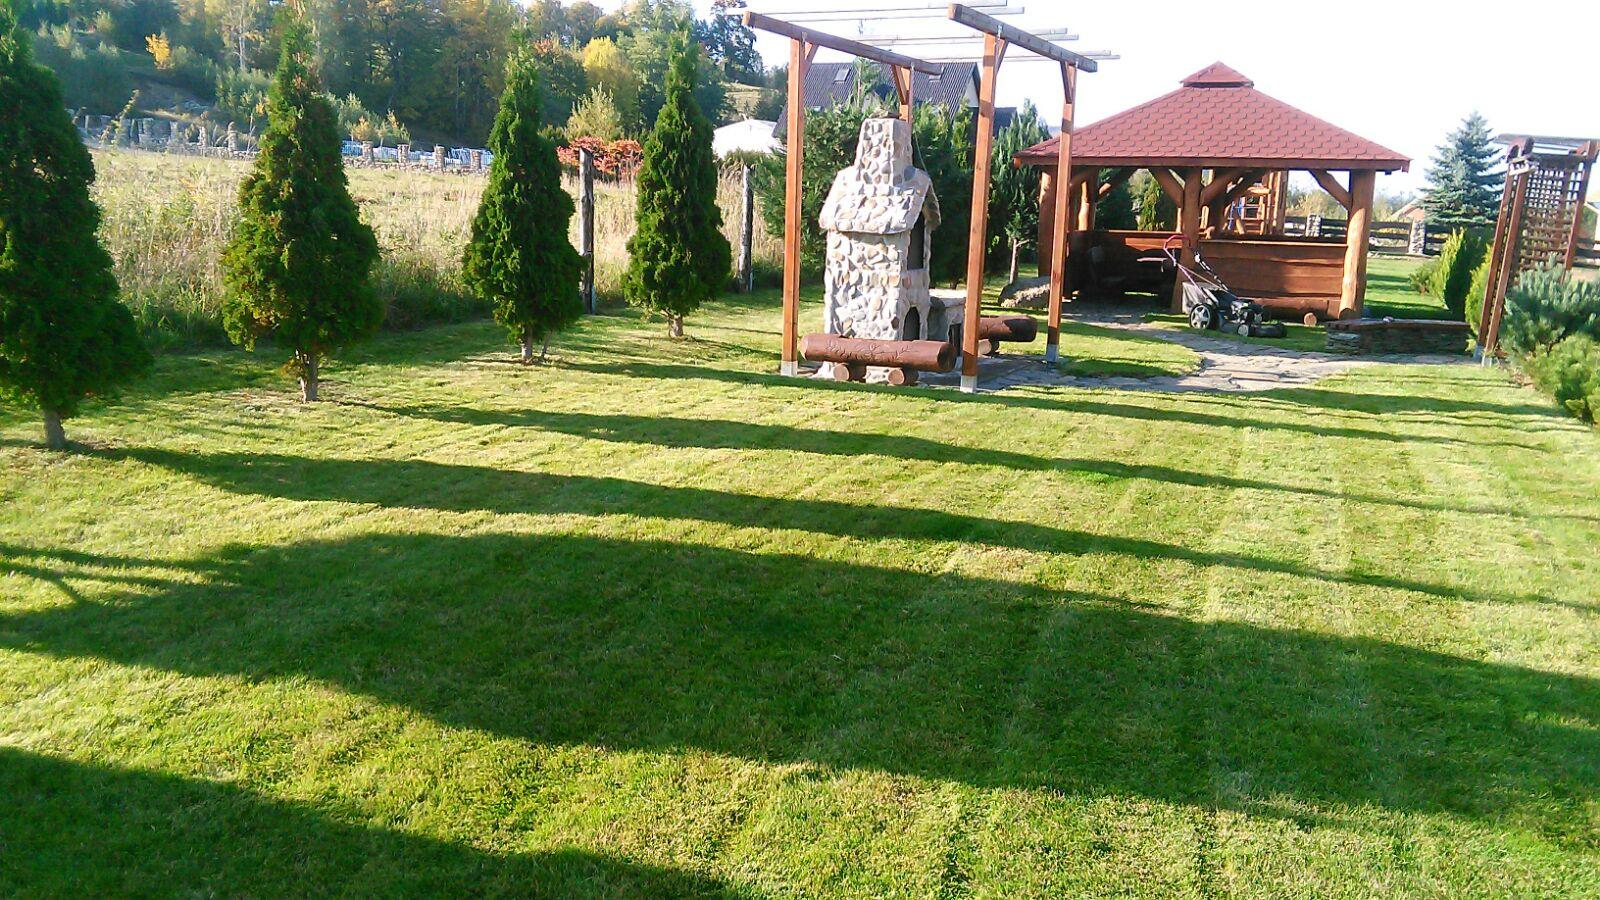 Wynajem domku blisko Karpacza - ogród, miejsce do wypoczynku